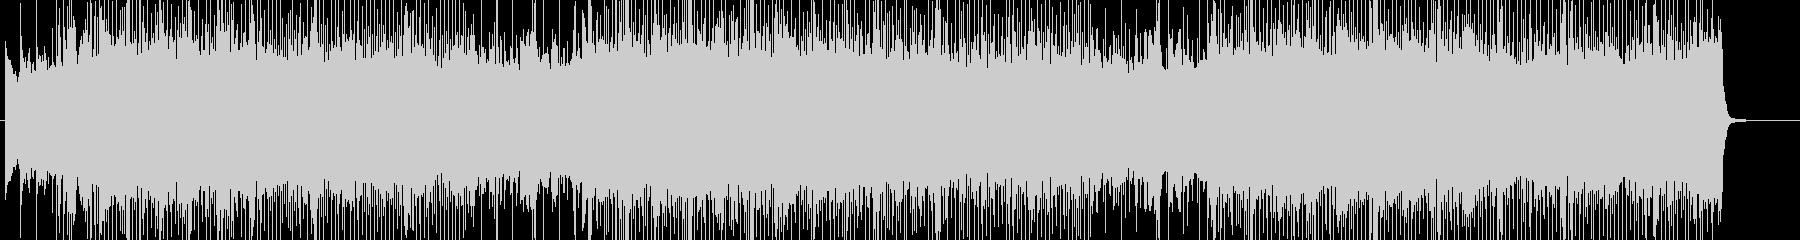 ダークロック、勢い、激しい BGM162の未再生の波形